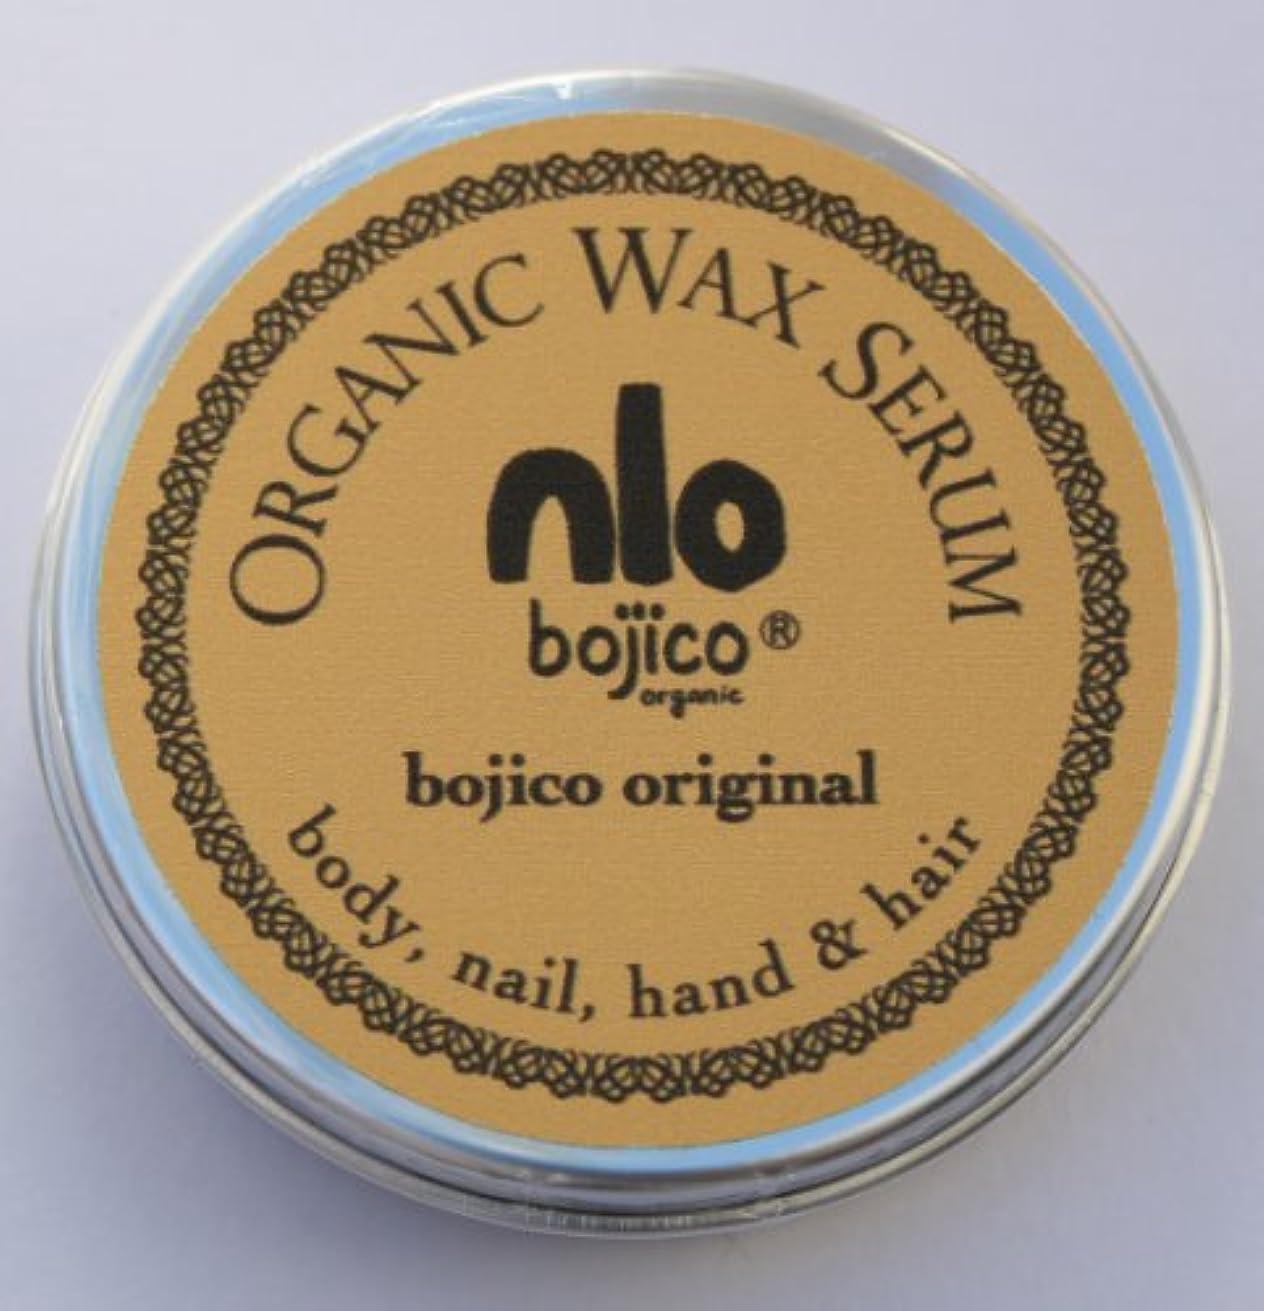 ハム中世の無傷bojico オーガニック ワックス セラム<オリジナル> Organic Wax Serum 40g